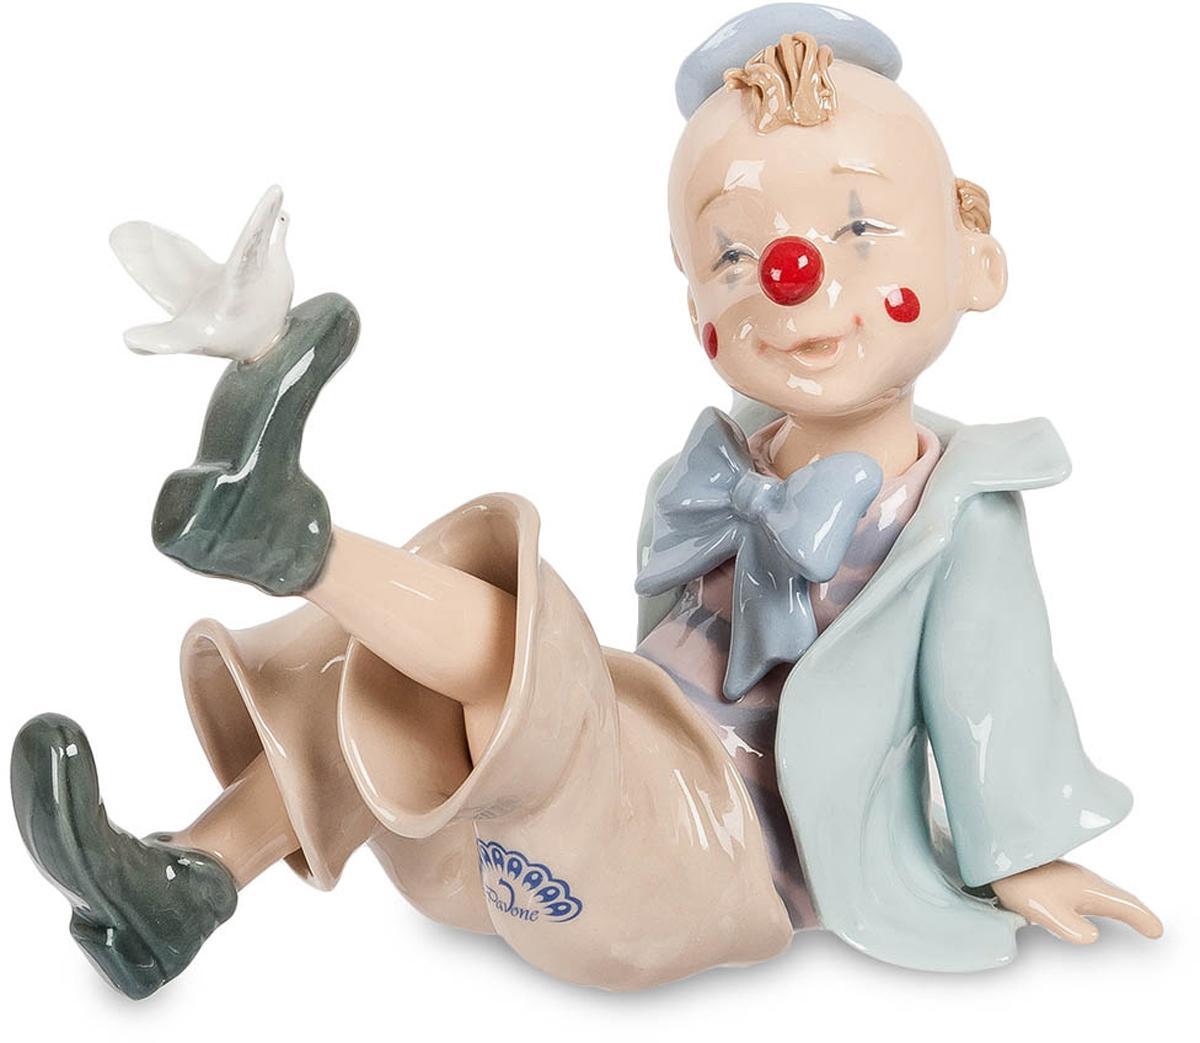 Фигурка Pavone Клоун с голубем. CMS-23/36CMS-23/36Фигурка Клоун с голубем (Pavone) Фигурка Клоун с голубем - удивительное интерьерное украшение, которое понравится как взрослым, так и детям. Героем этого фарфорового произведения является маленький мальчик, который решил стать клоуном, чтобы радовать людей своими шутками. Мальчик позаботился о своем образе, украсив костюм большим бантом, а нос – красным колпачком. Мальчик сидит на полу и играет с белоснежным голубем, который прилетел к его ботинку, решив тем самым рассмешить будущего клоуна. Изделие, изготовленное из тончайшего фарфора, расписано нежными пастельными красками, благодаря чему оно органично впишется в любой интерьерный стиль.